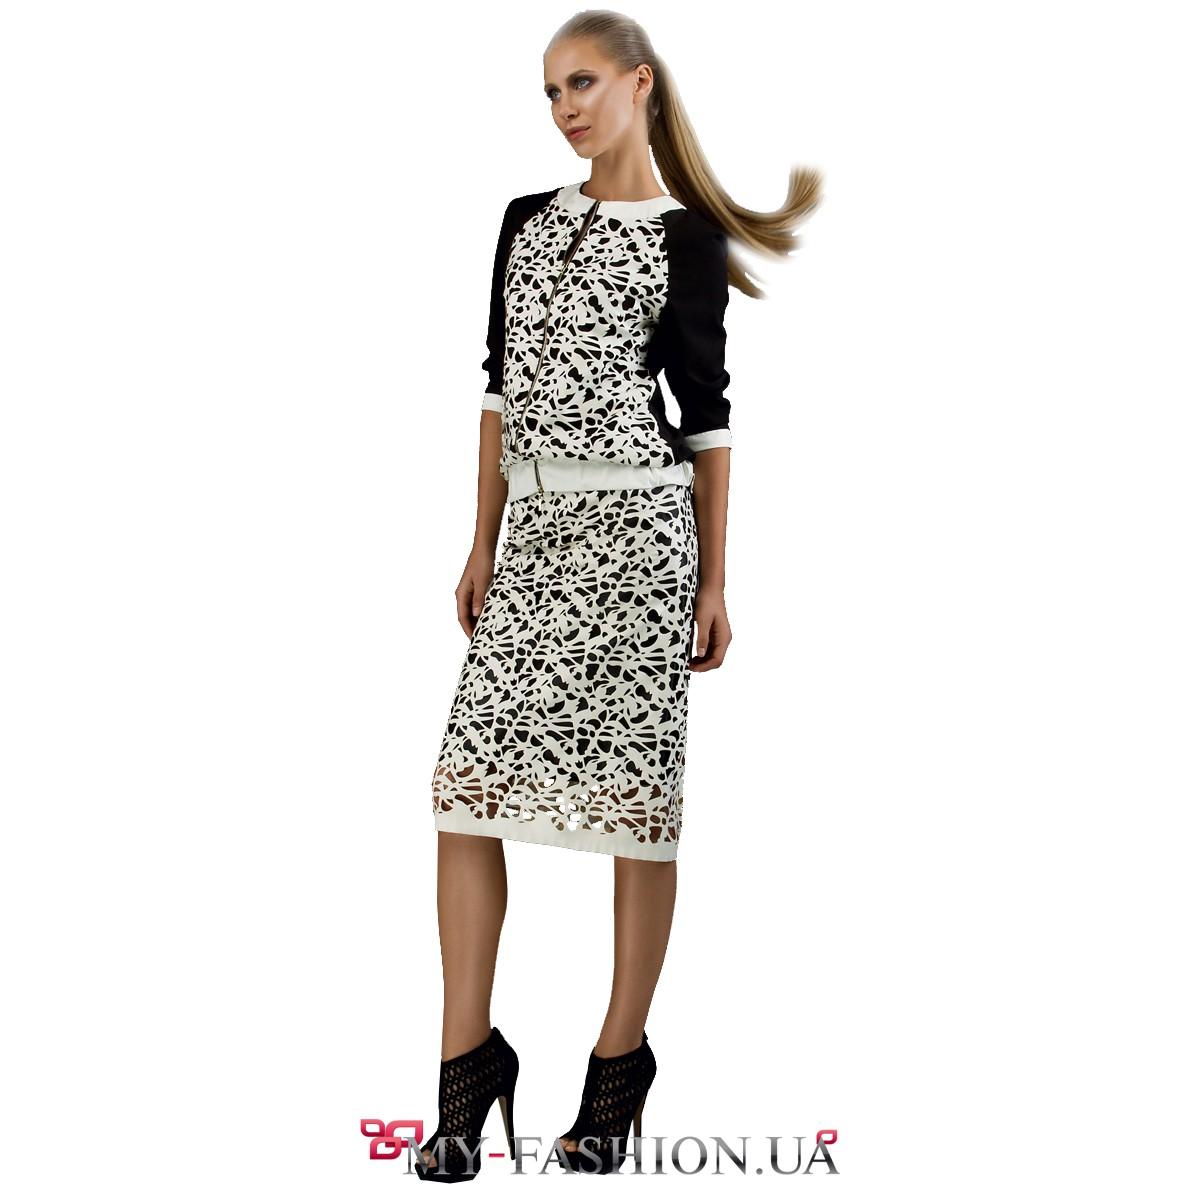 Сайт фасон женская одежда с доставкой